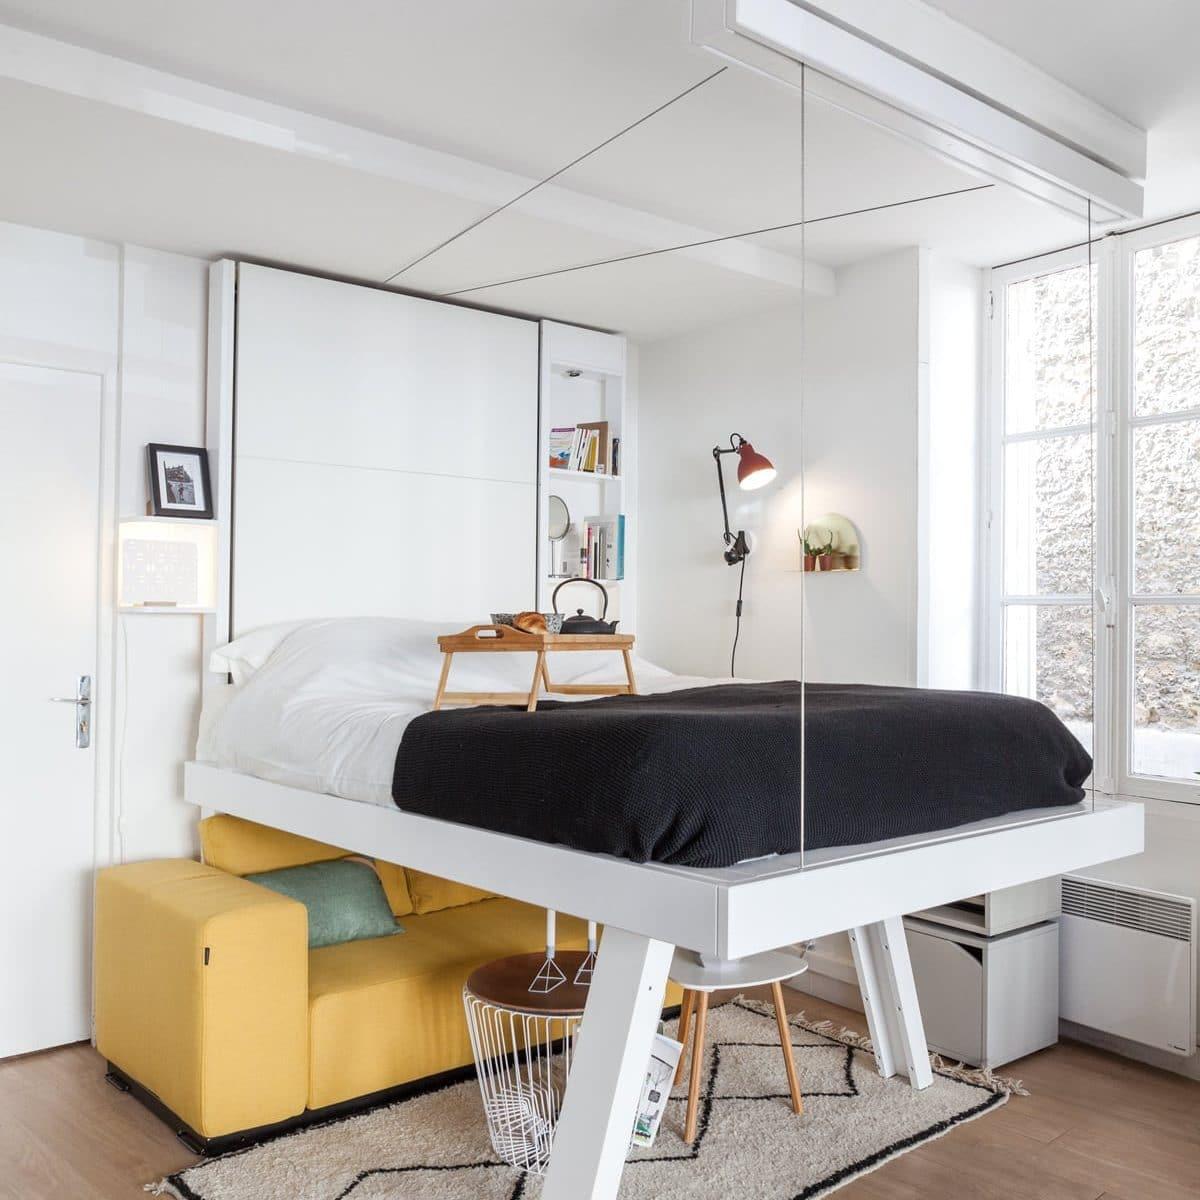 lit suspendu gagnez en m2 et en perspectives avec bedup. Black Bedroom Furniture Sets. Home Design Ideas